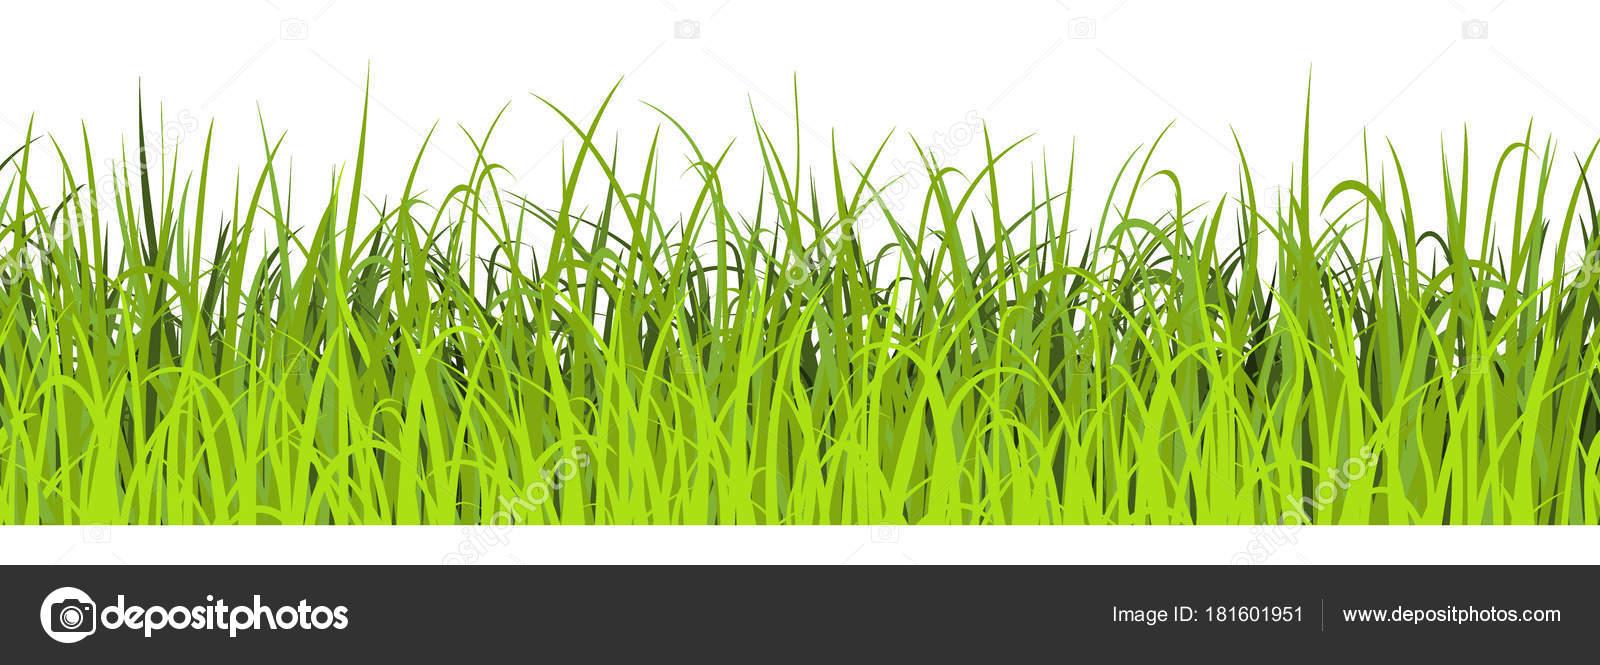 春の緑の草のシームレスなイラスト緑の牧草地の境界線 ストック